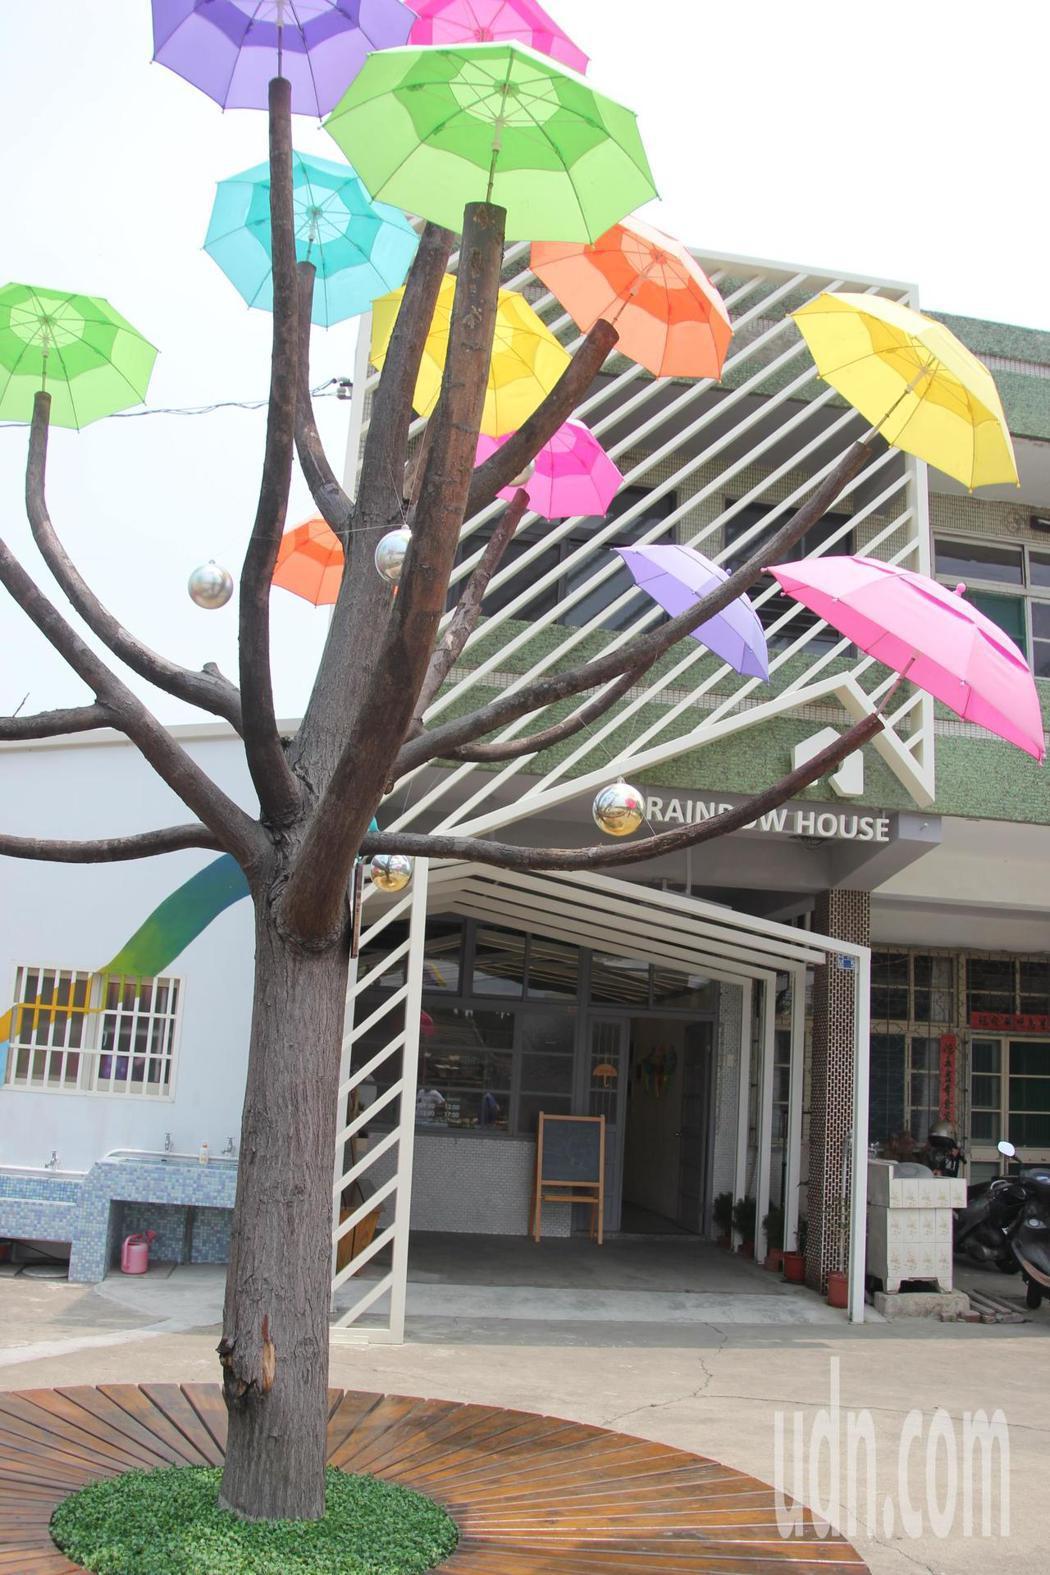 「卡里善」是和美早期的名字,是平埔族語,改造老屋彩虹屋前將原本要被砍掉的苦棟樹改裝成雨傘樹叫「卡里善之樹」成為話題。記者林宛諭/攝影